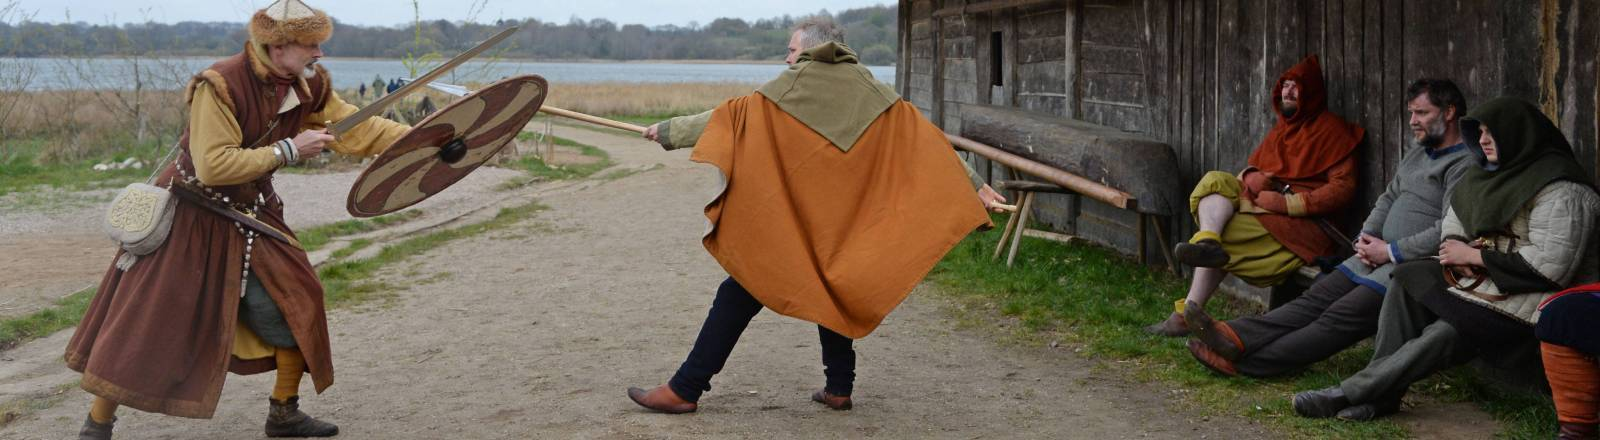 Laiendarsteller spielen die Zeit der Wikinger nach: Szene aus dem Wikingerdorf Haithabu in Schleswig-Holstein